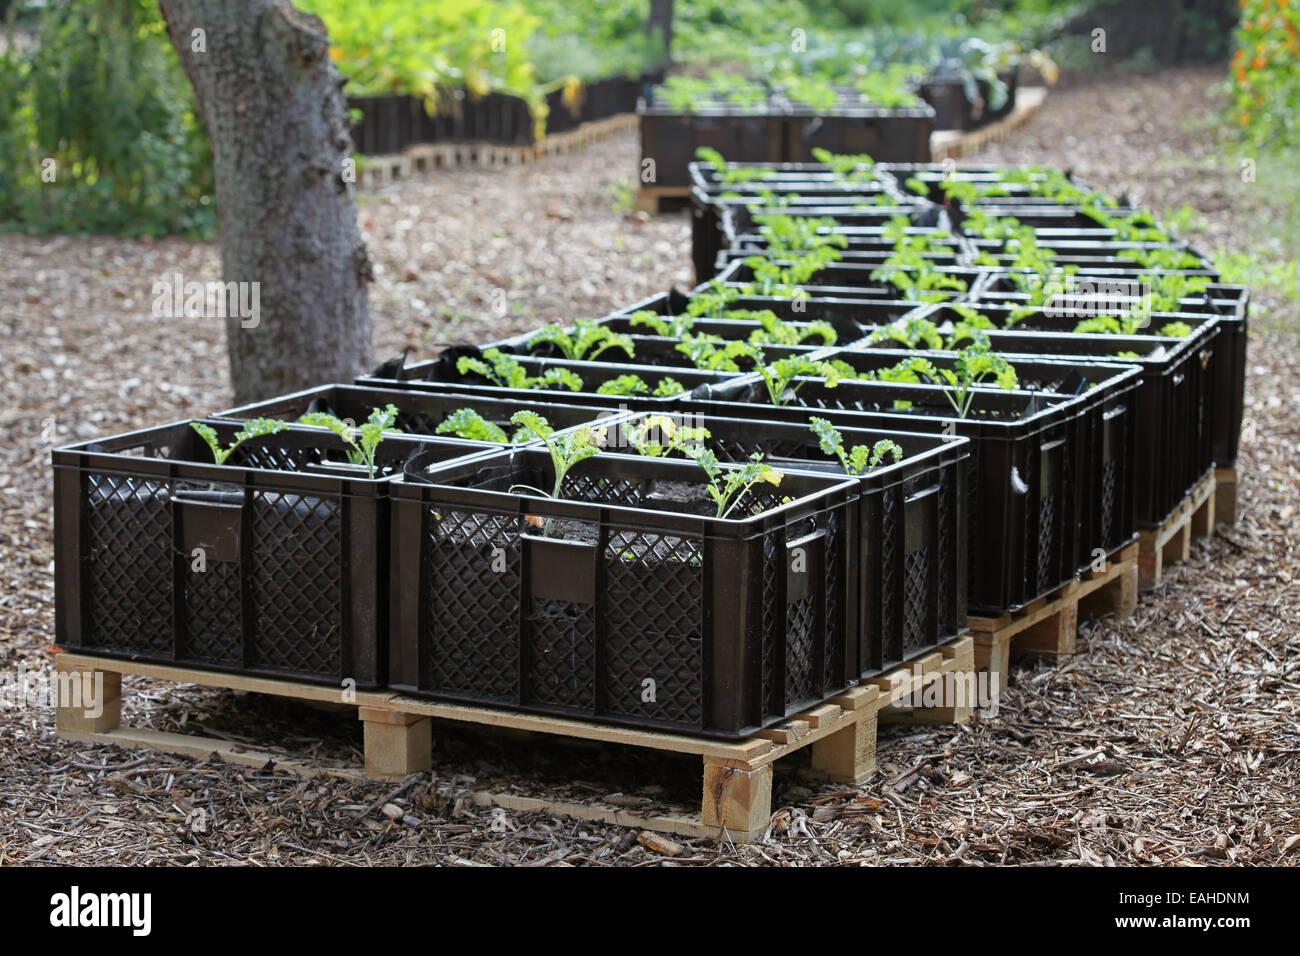 Col rizada de plántulas cultivadas en planta de cajas en un proyecto de horticultura urbana en Alemania Imagen De Stock